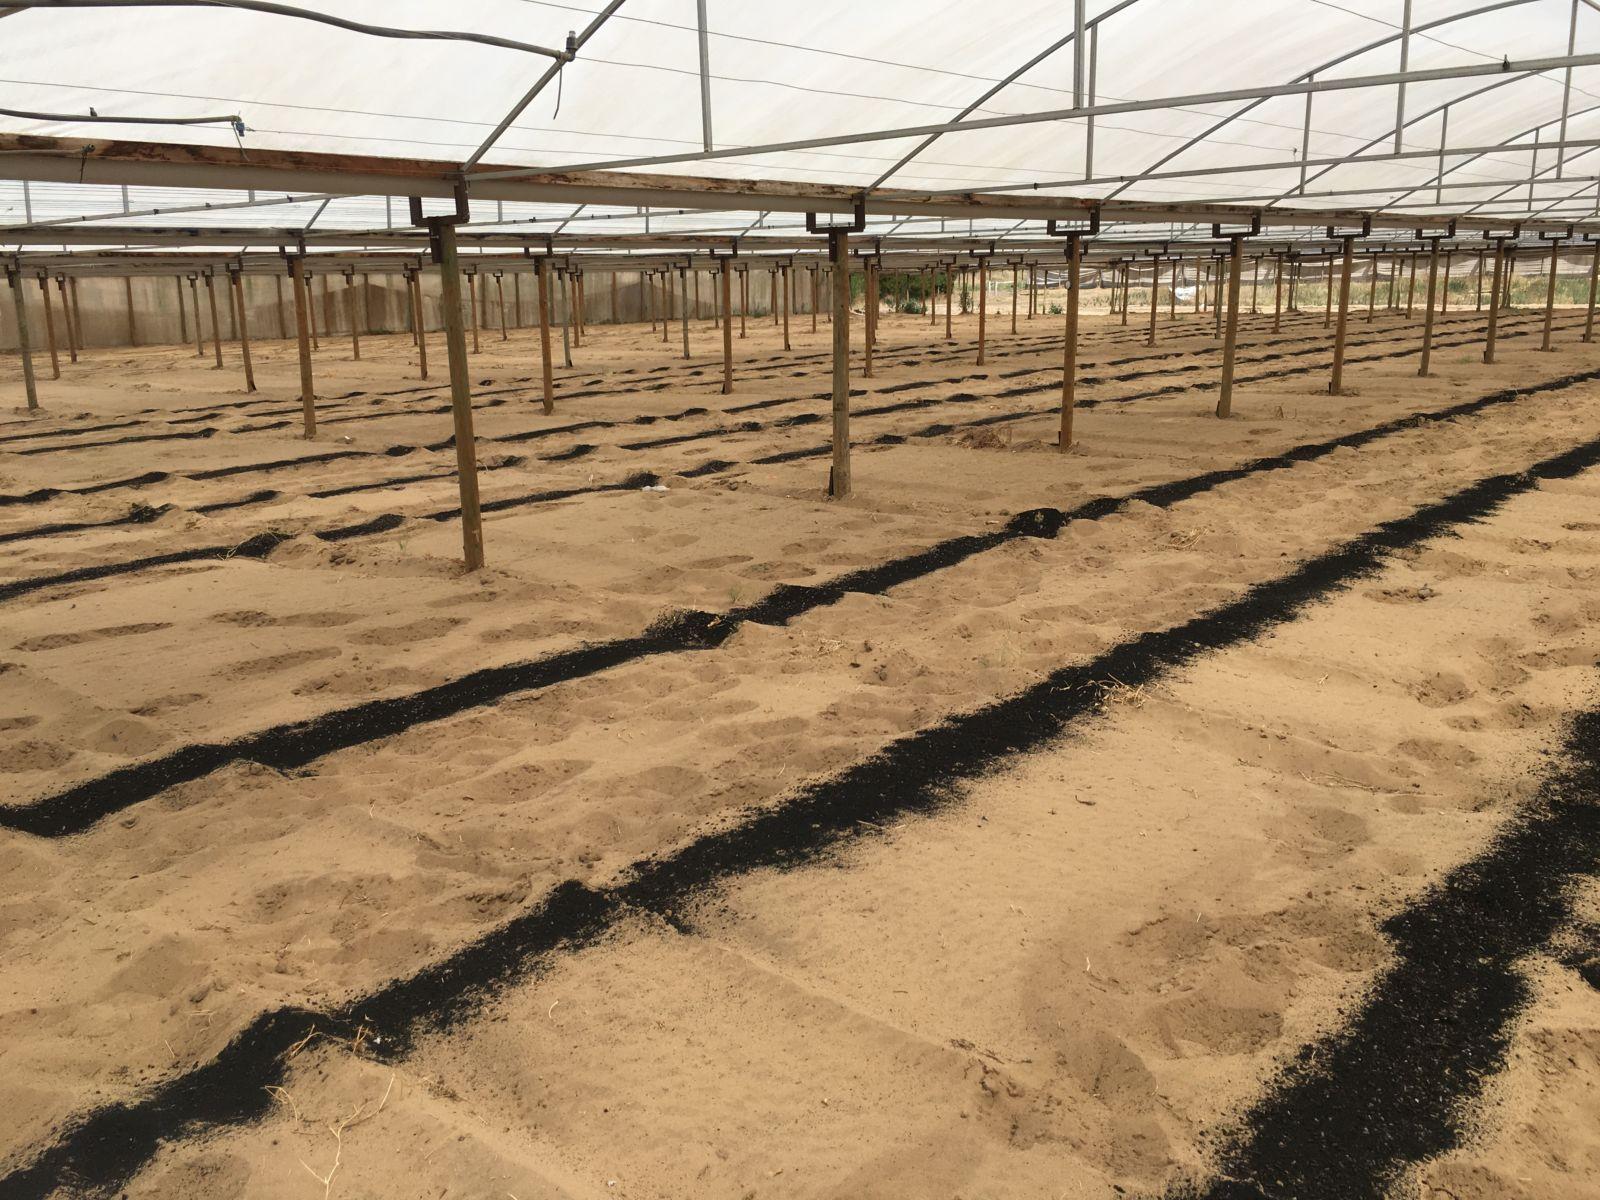 Biochar spread in rows in a greenhouse